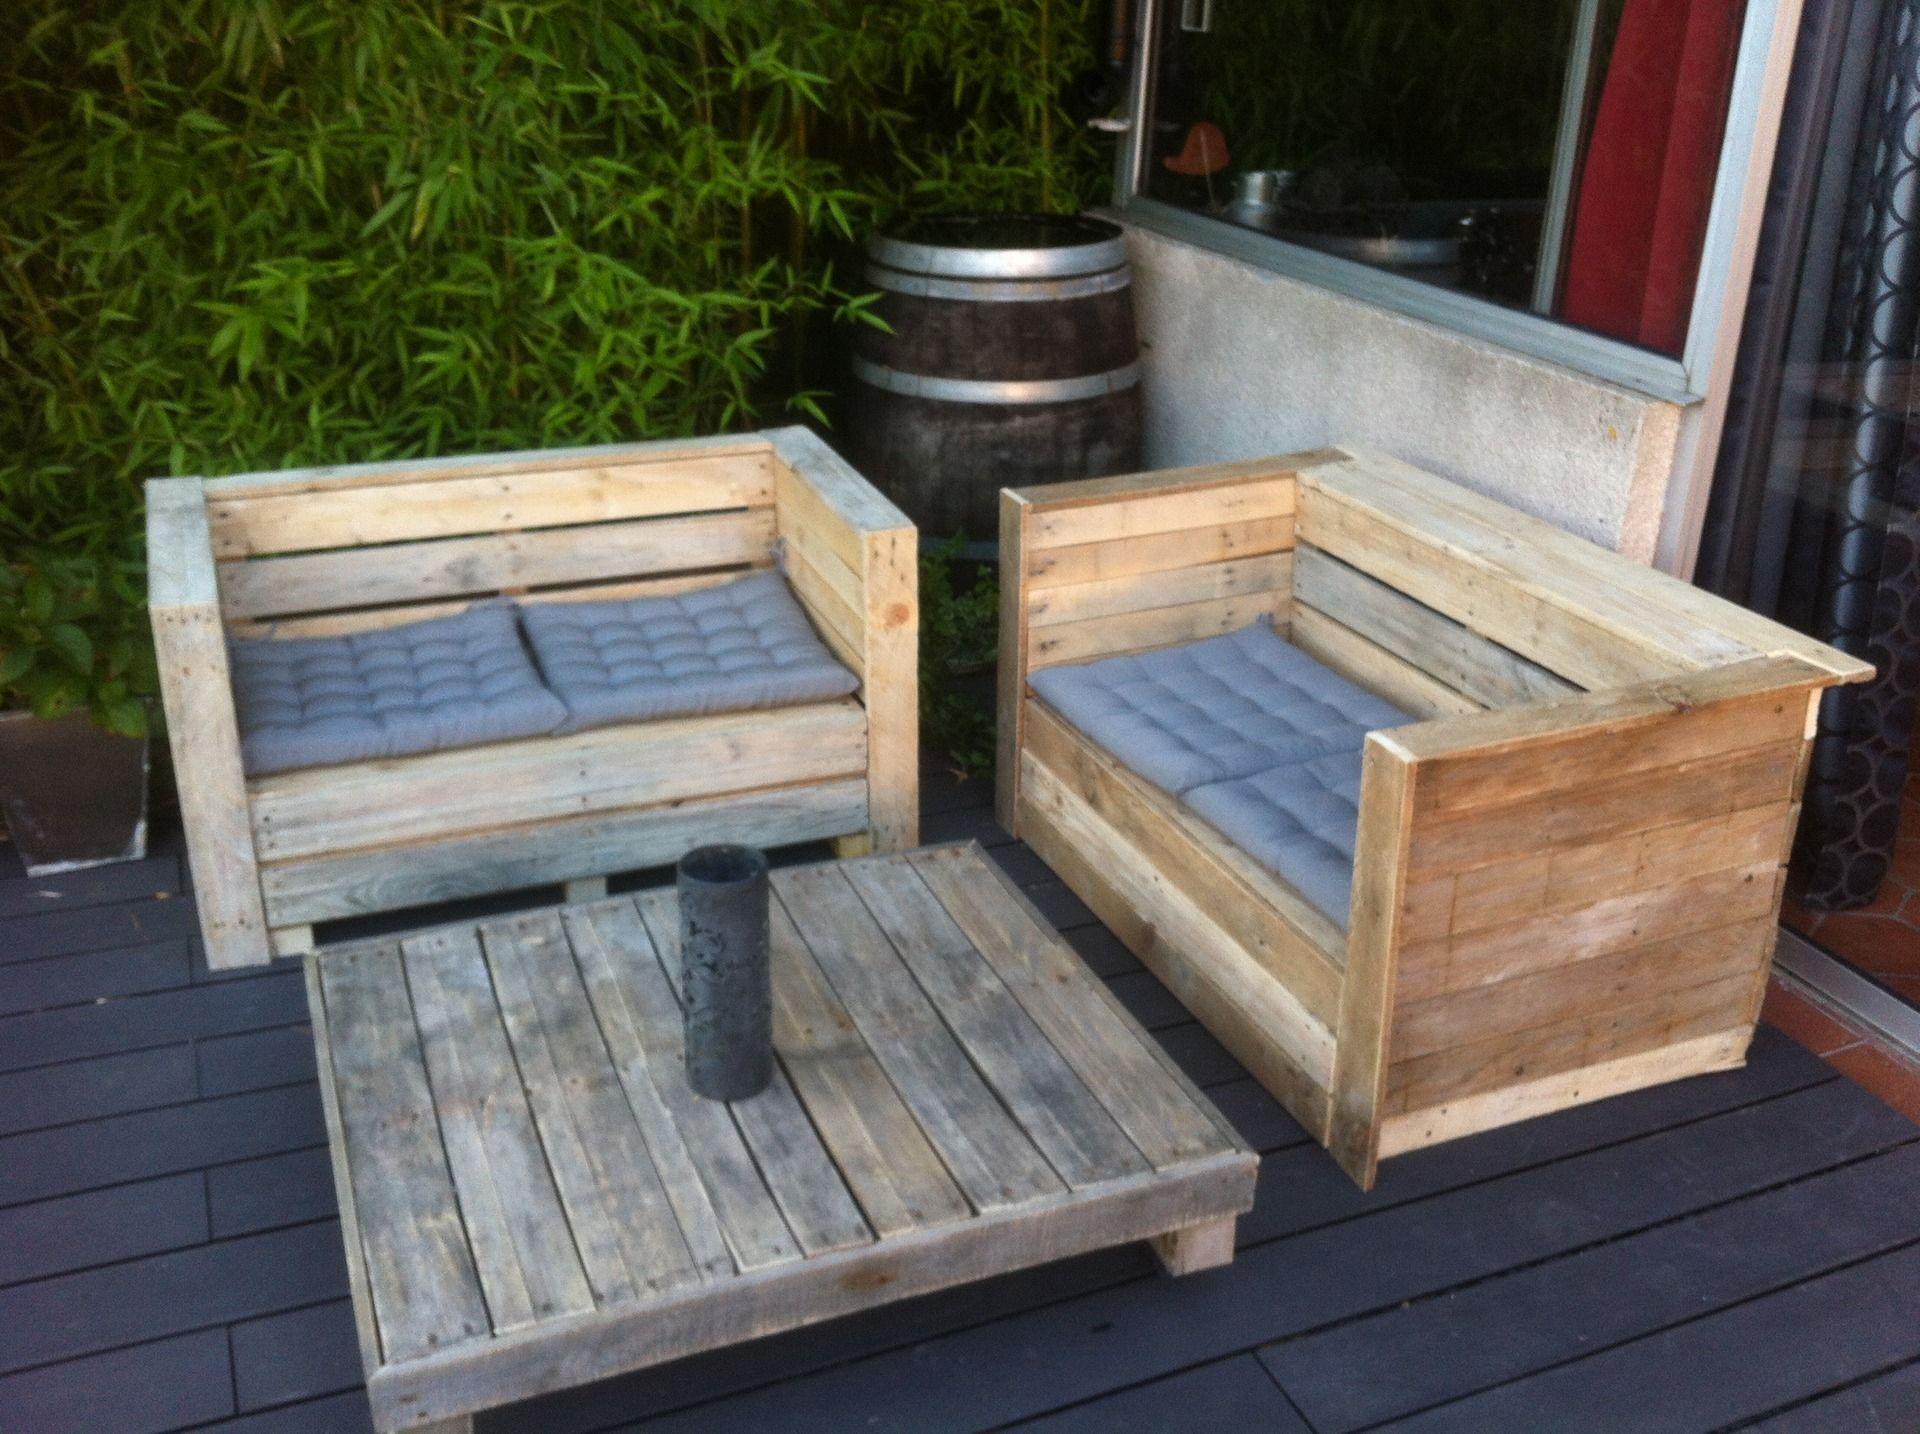 Canap et table bois de palette pour jardin ou interieur meubles et rangeme - Table bois de palette ...